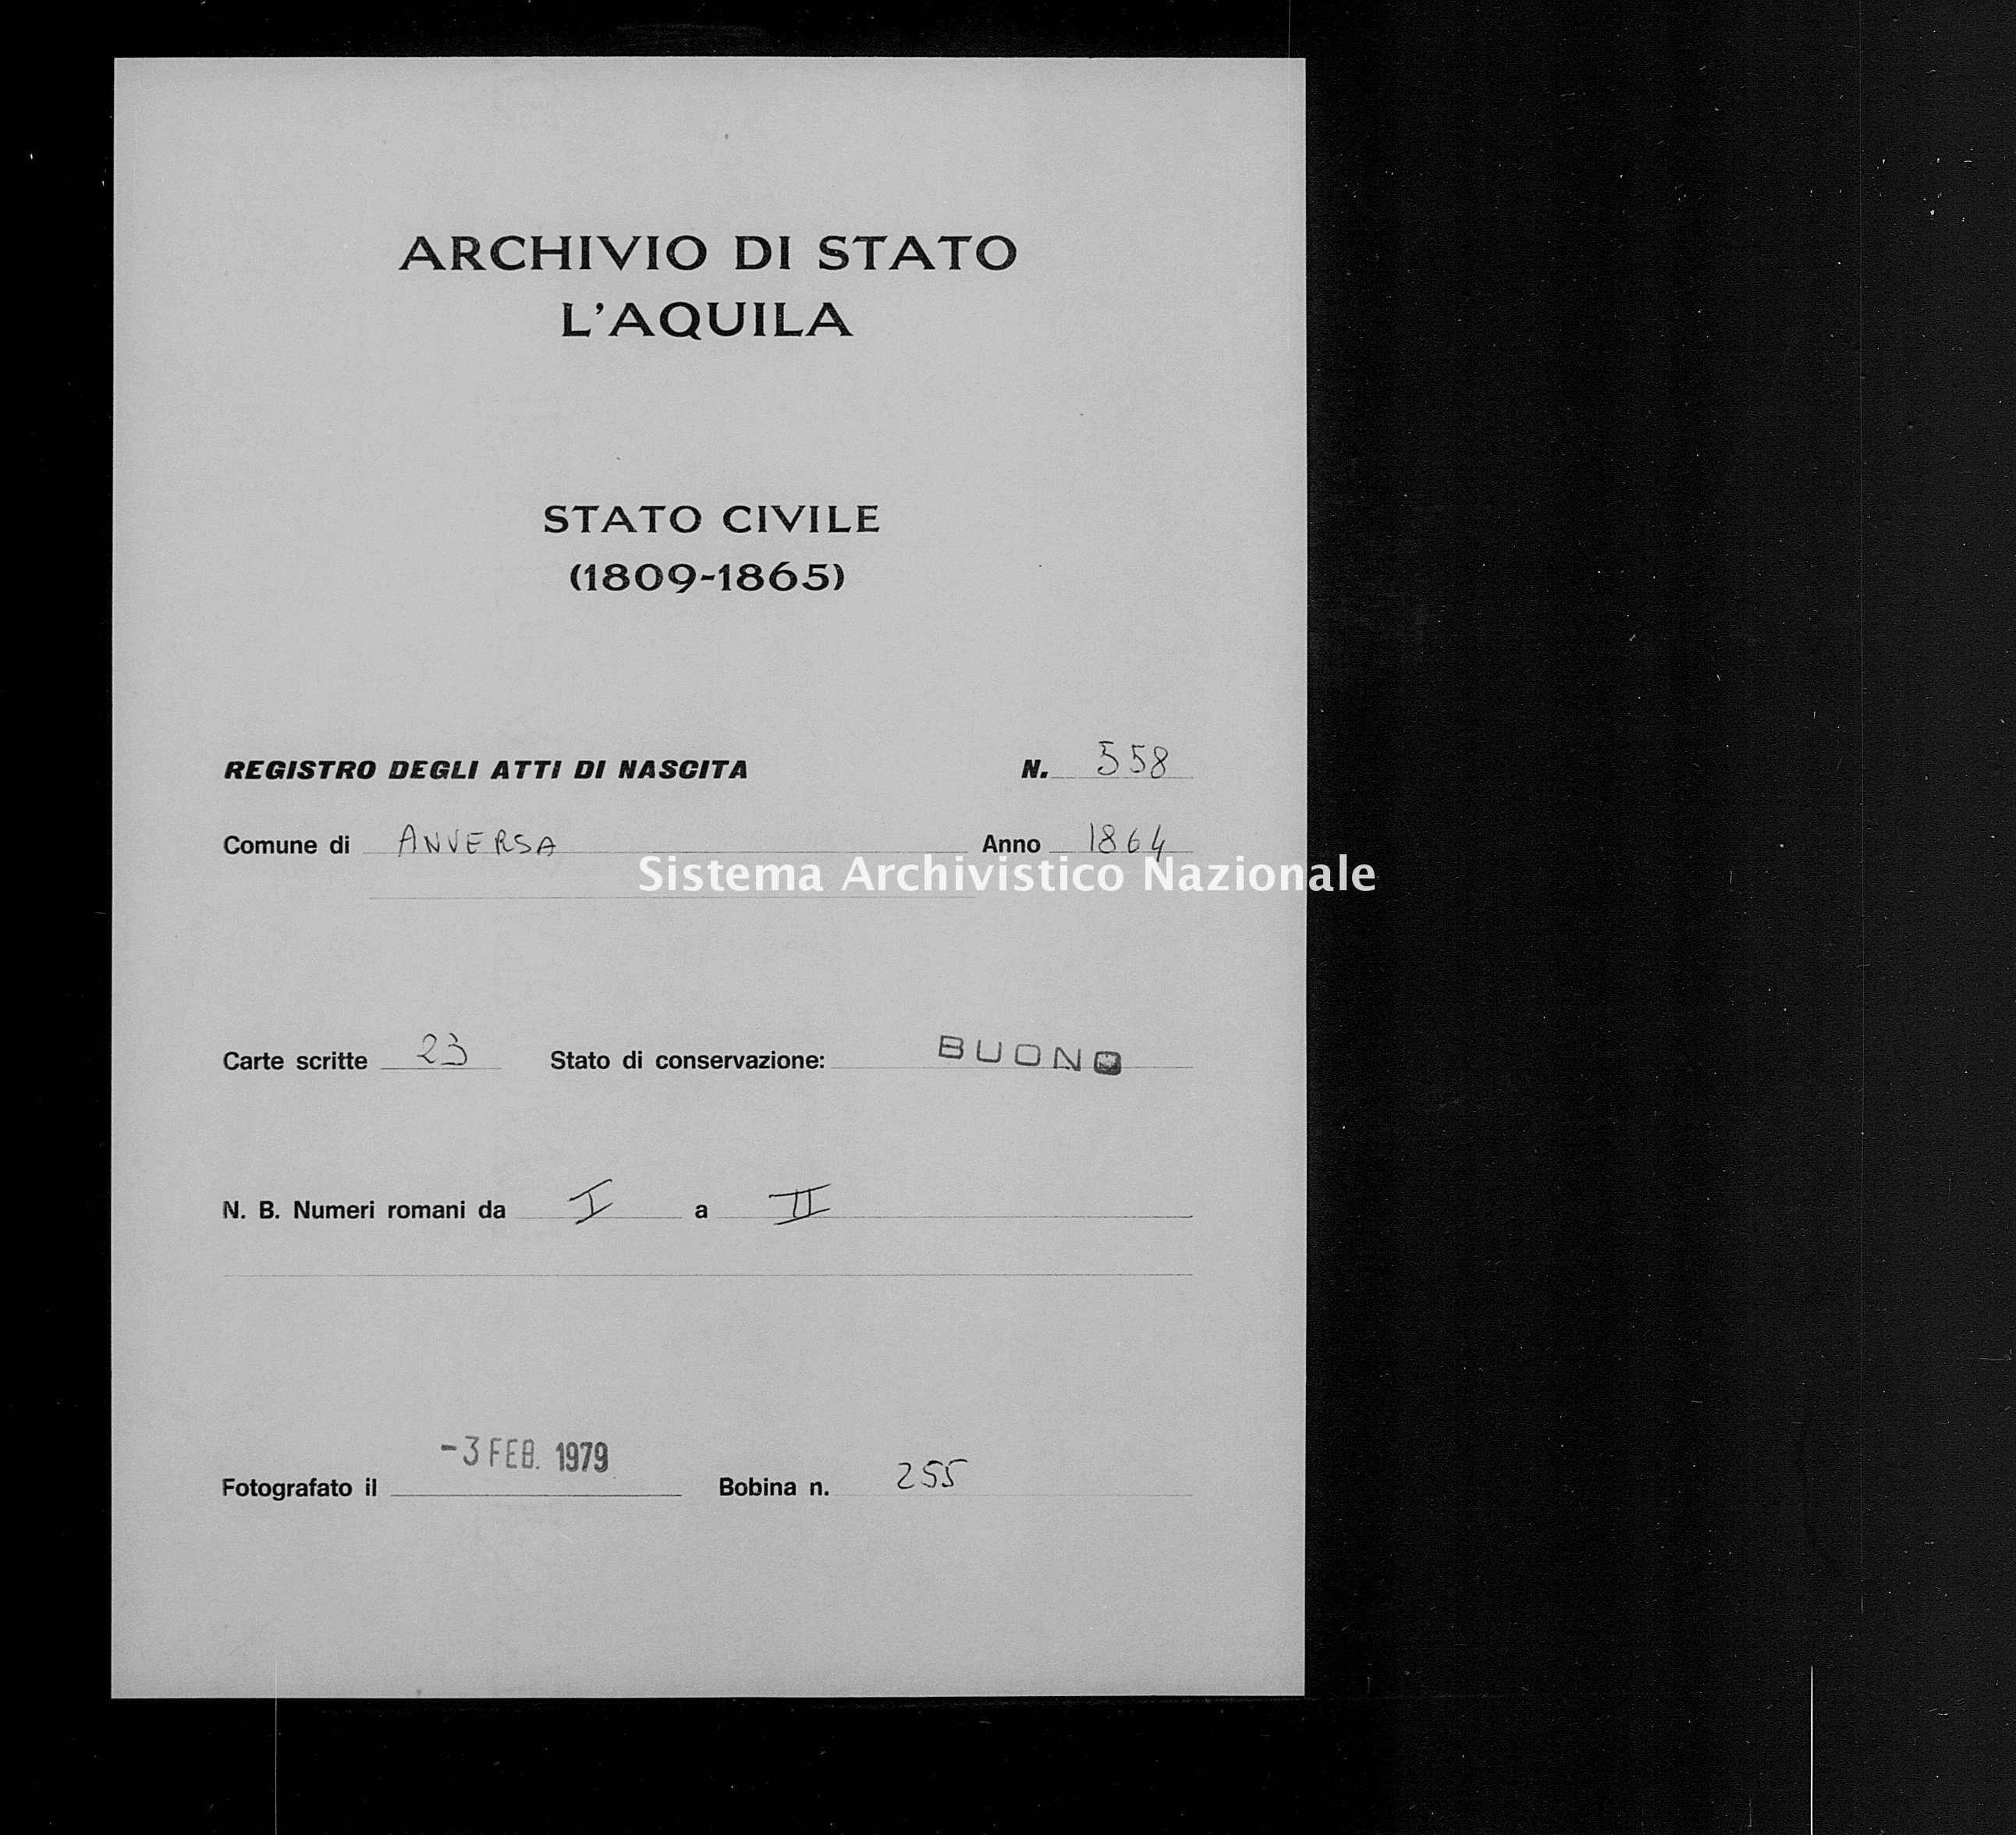 Archivio di stato di L'aquila - Stato civile italiano - Anversa degli Abruzzi - Nati - 1864 - 558 -